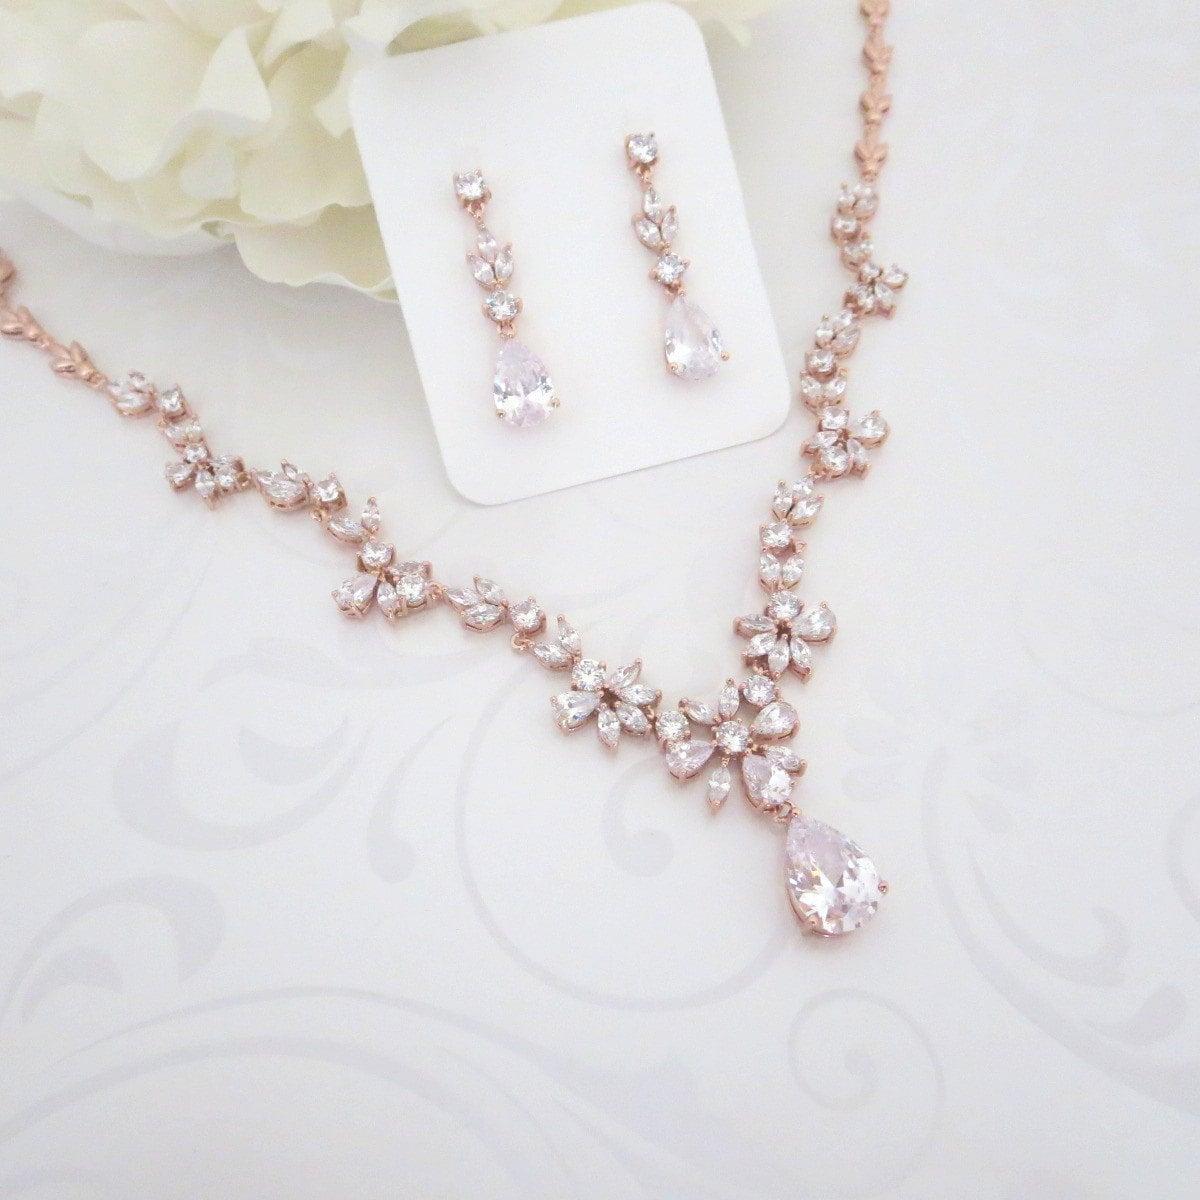 rose gold necklace rose gold bridal jewelry set wedding. Black Bedroom Furniture Sets. Home Design Ideas